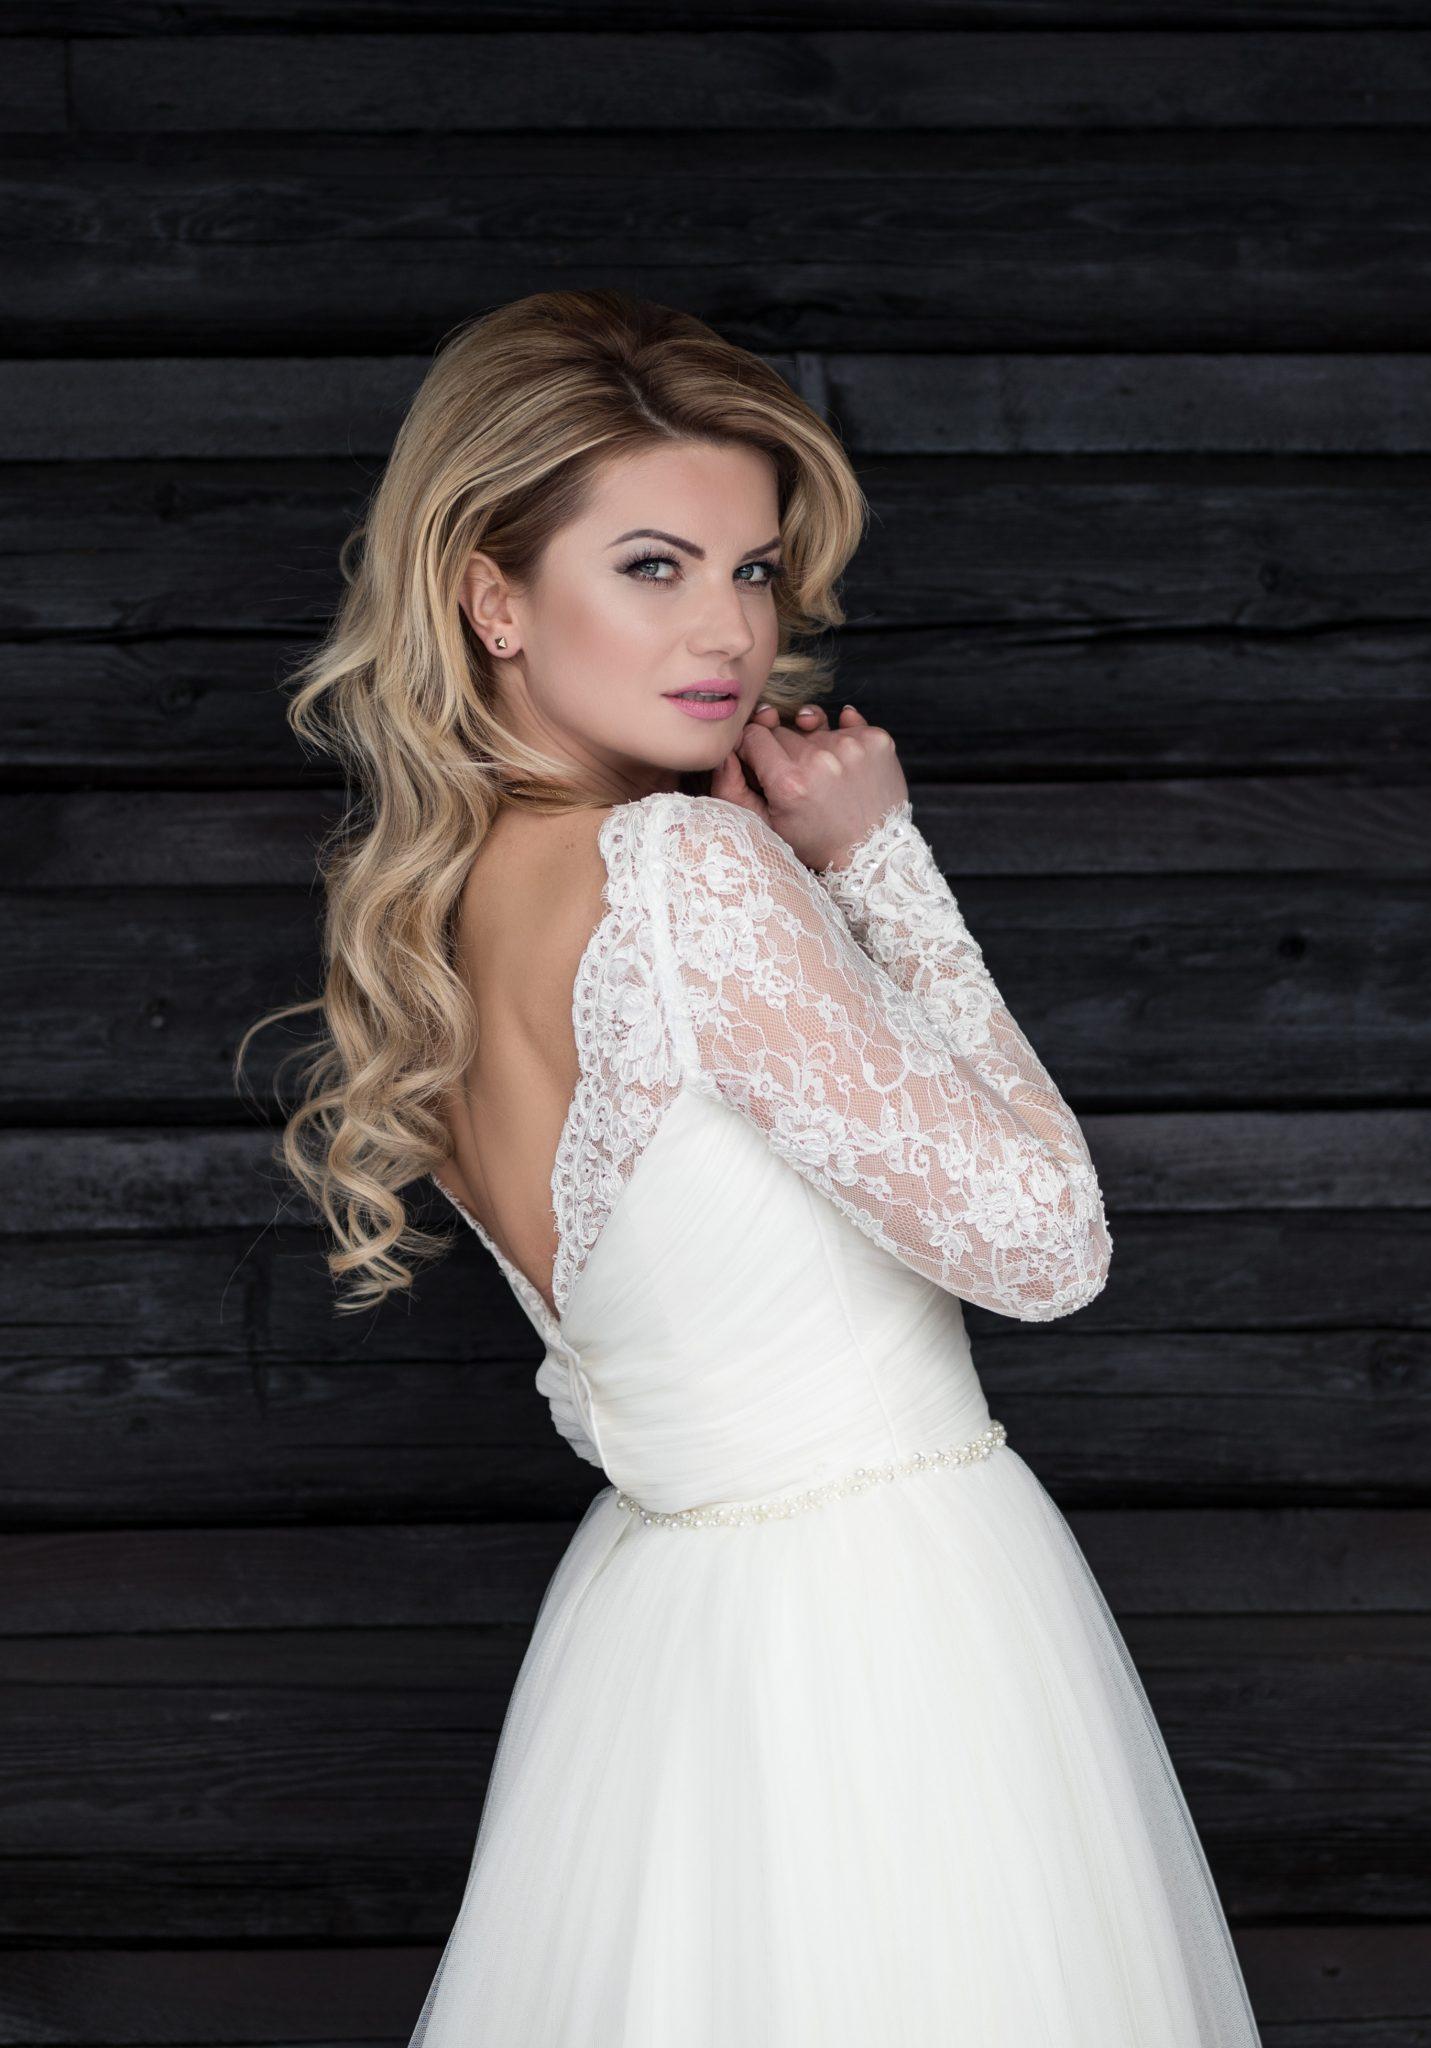 988981ff325d Požičať alebo kúpiť svadobné šaty  - Svadobný salón Star Boutique